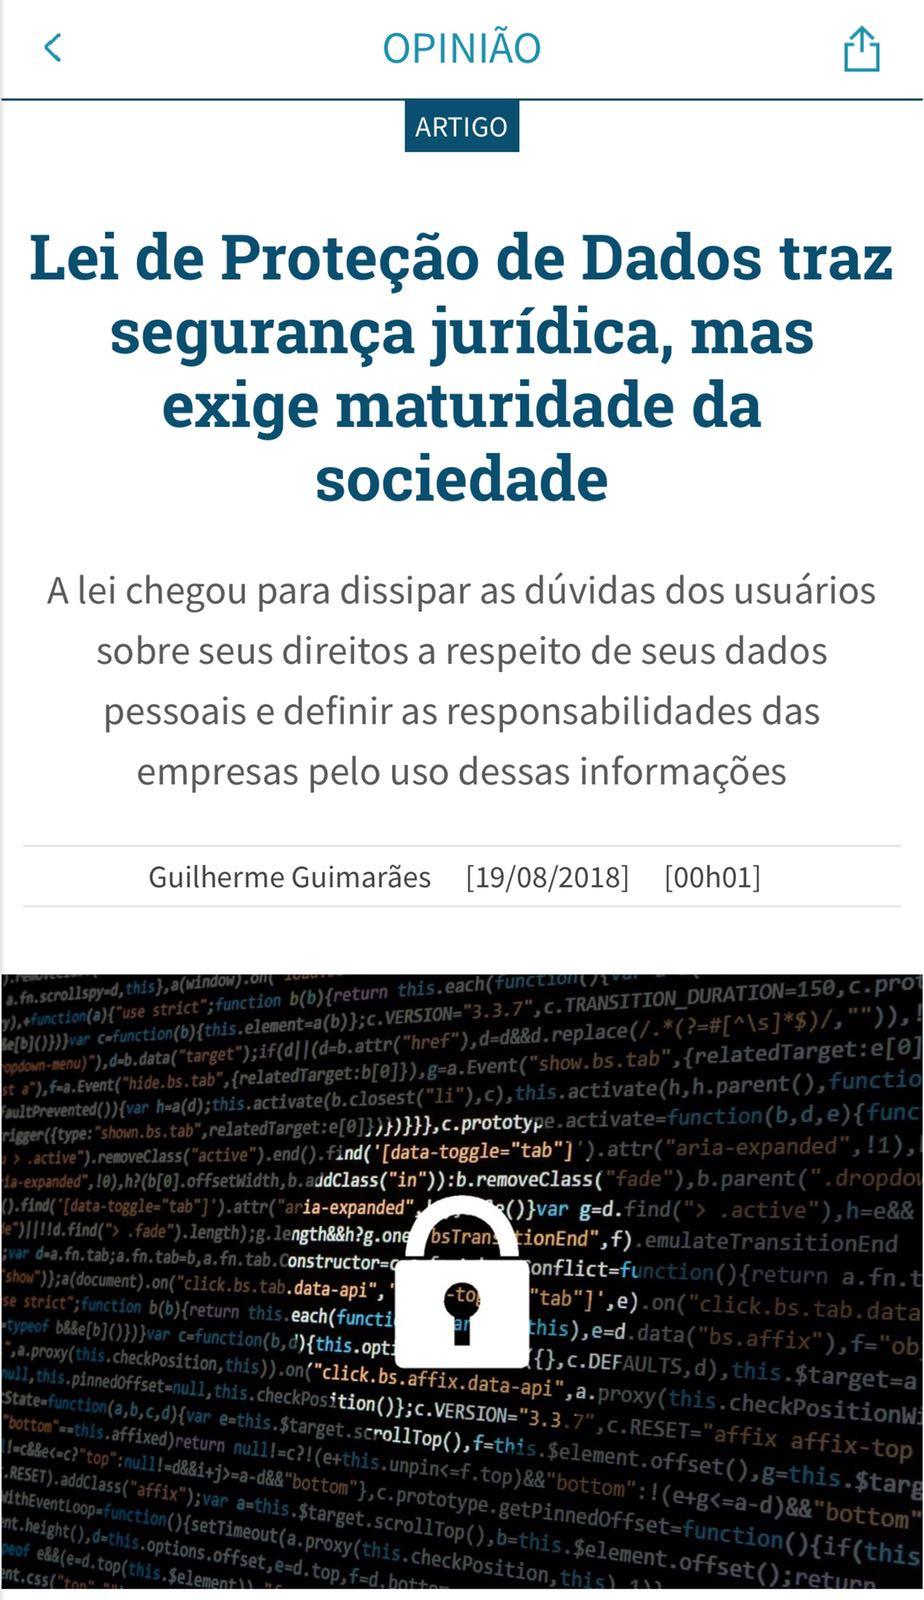 Lei de proteção de dados exige maturidade da sociedade